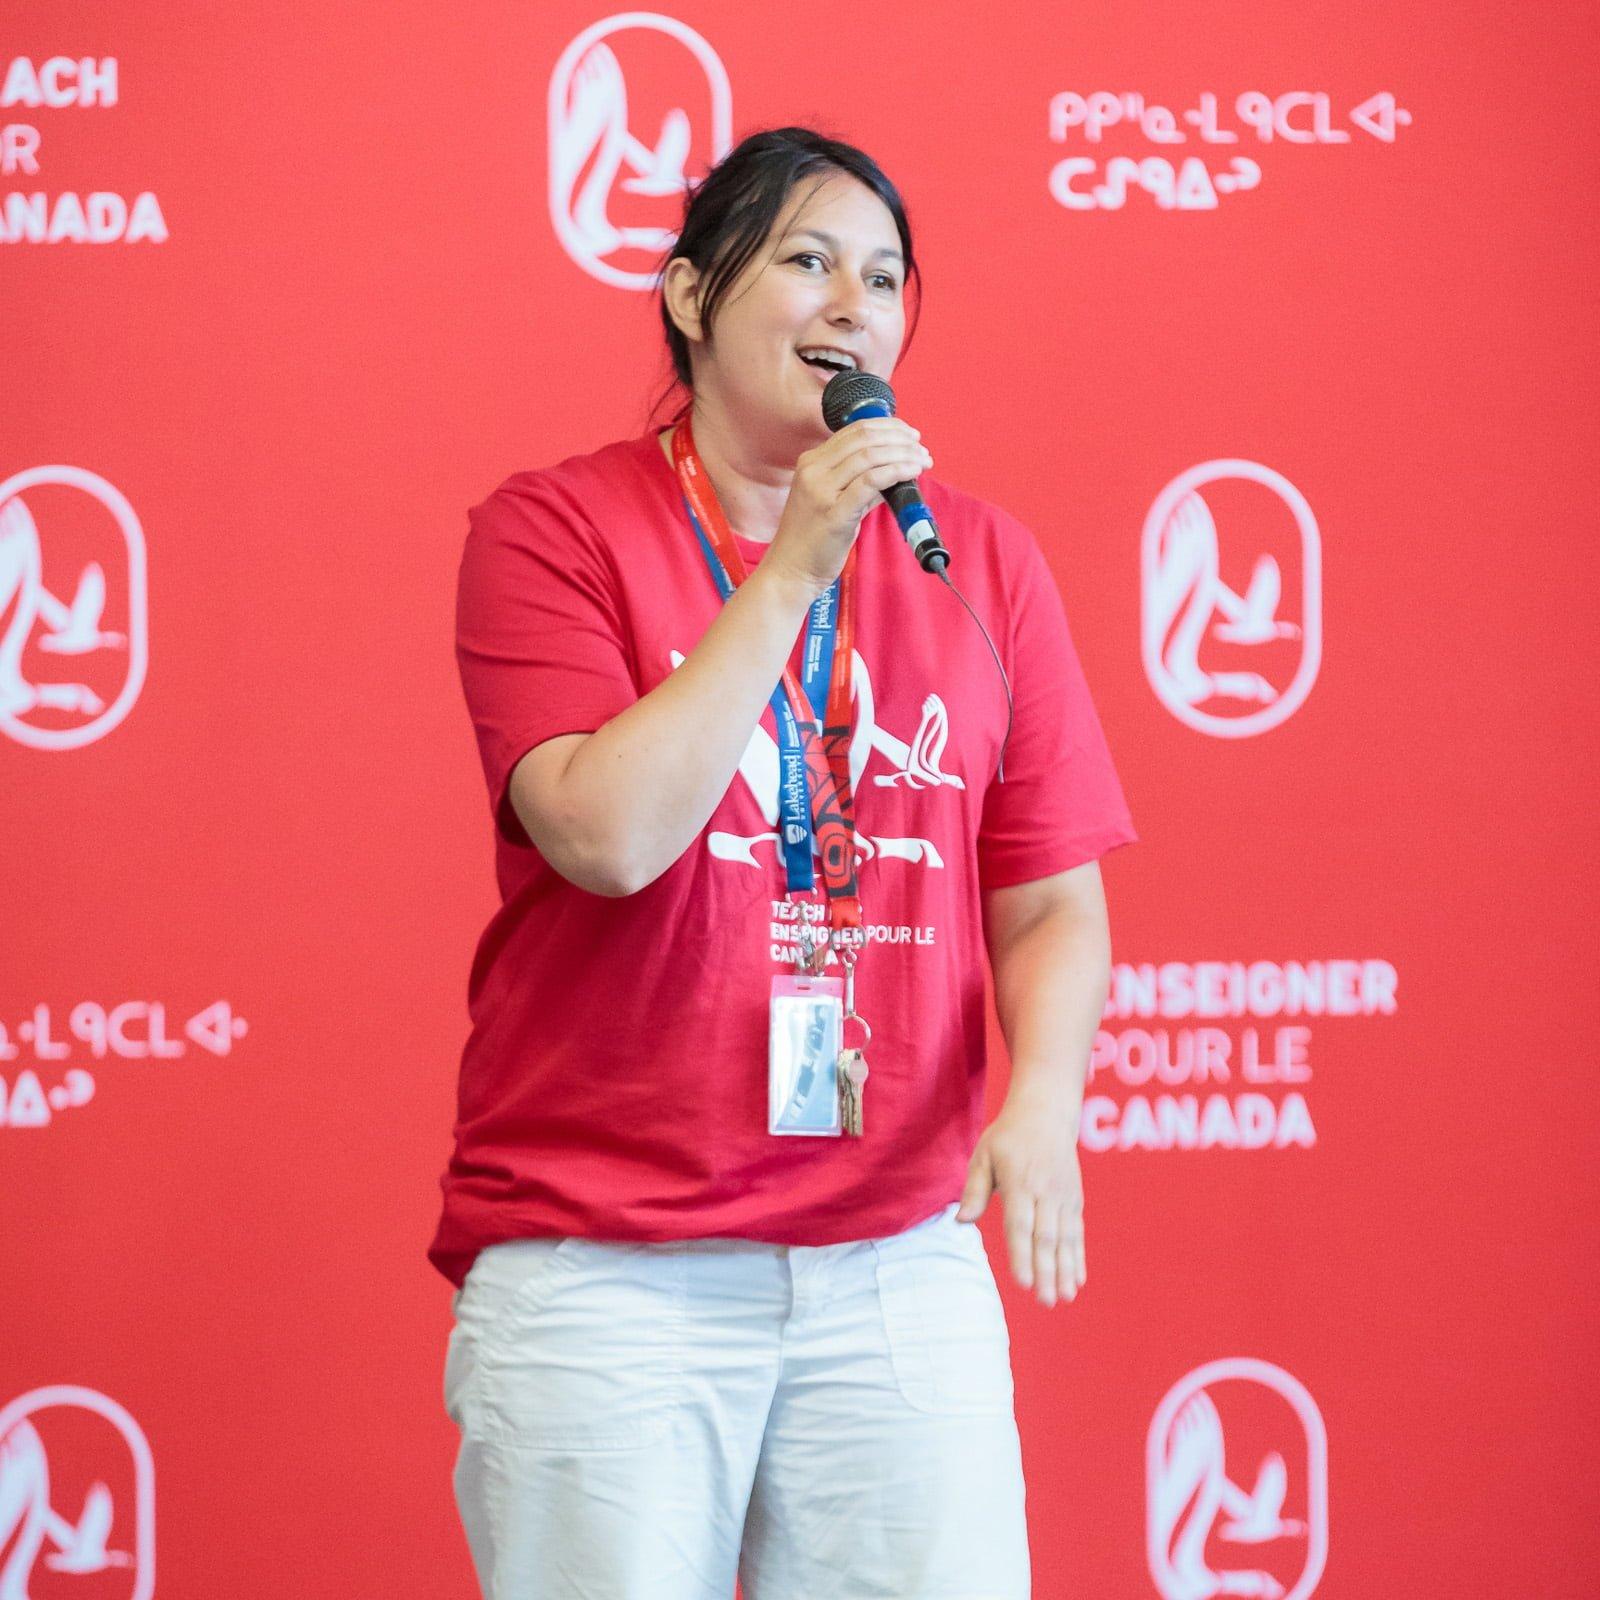 Juanita Muise singing